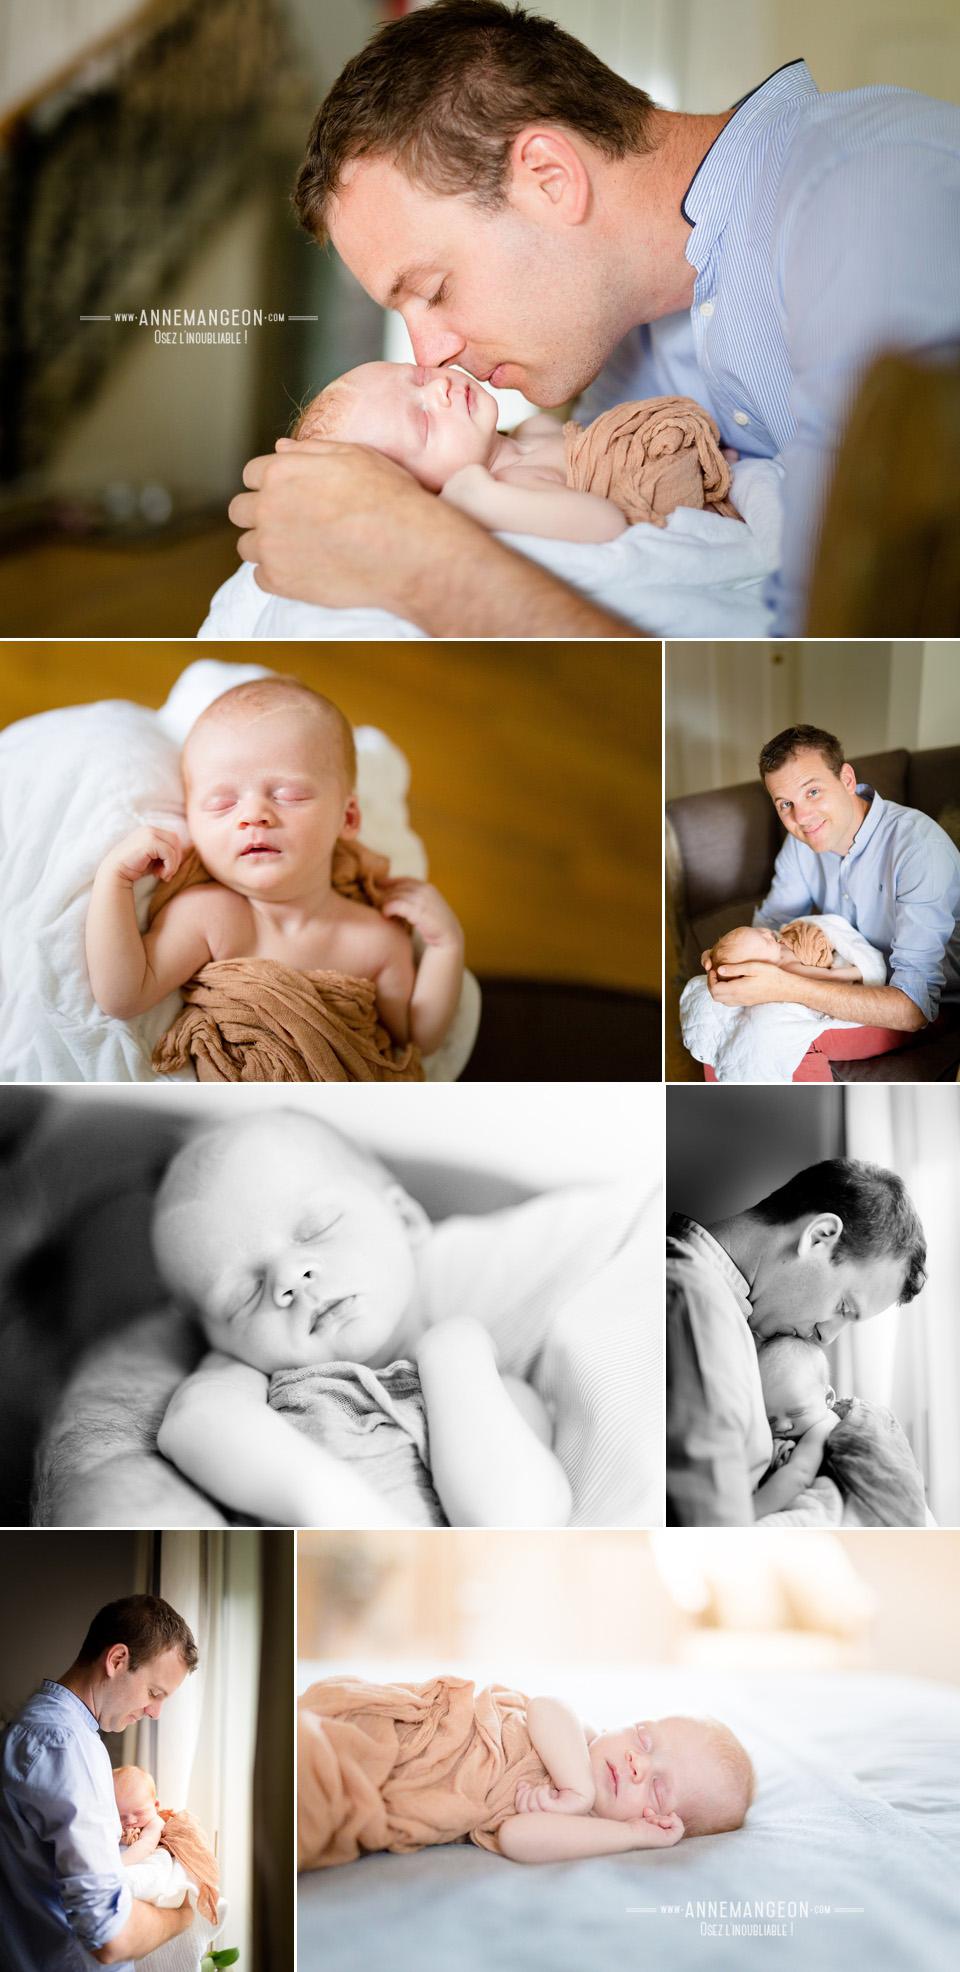 Séance photo bébé famille à Metz @ Anne Mangeon Photographe_05